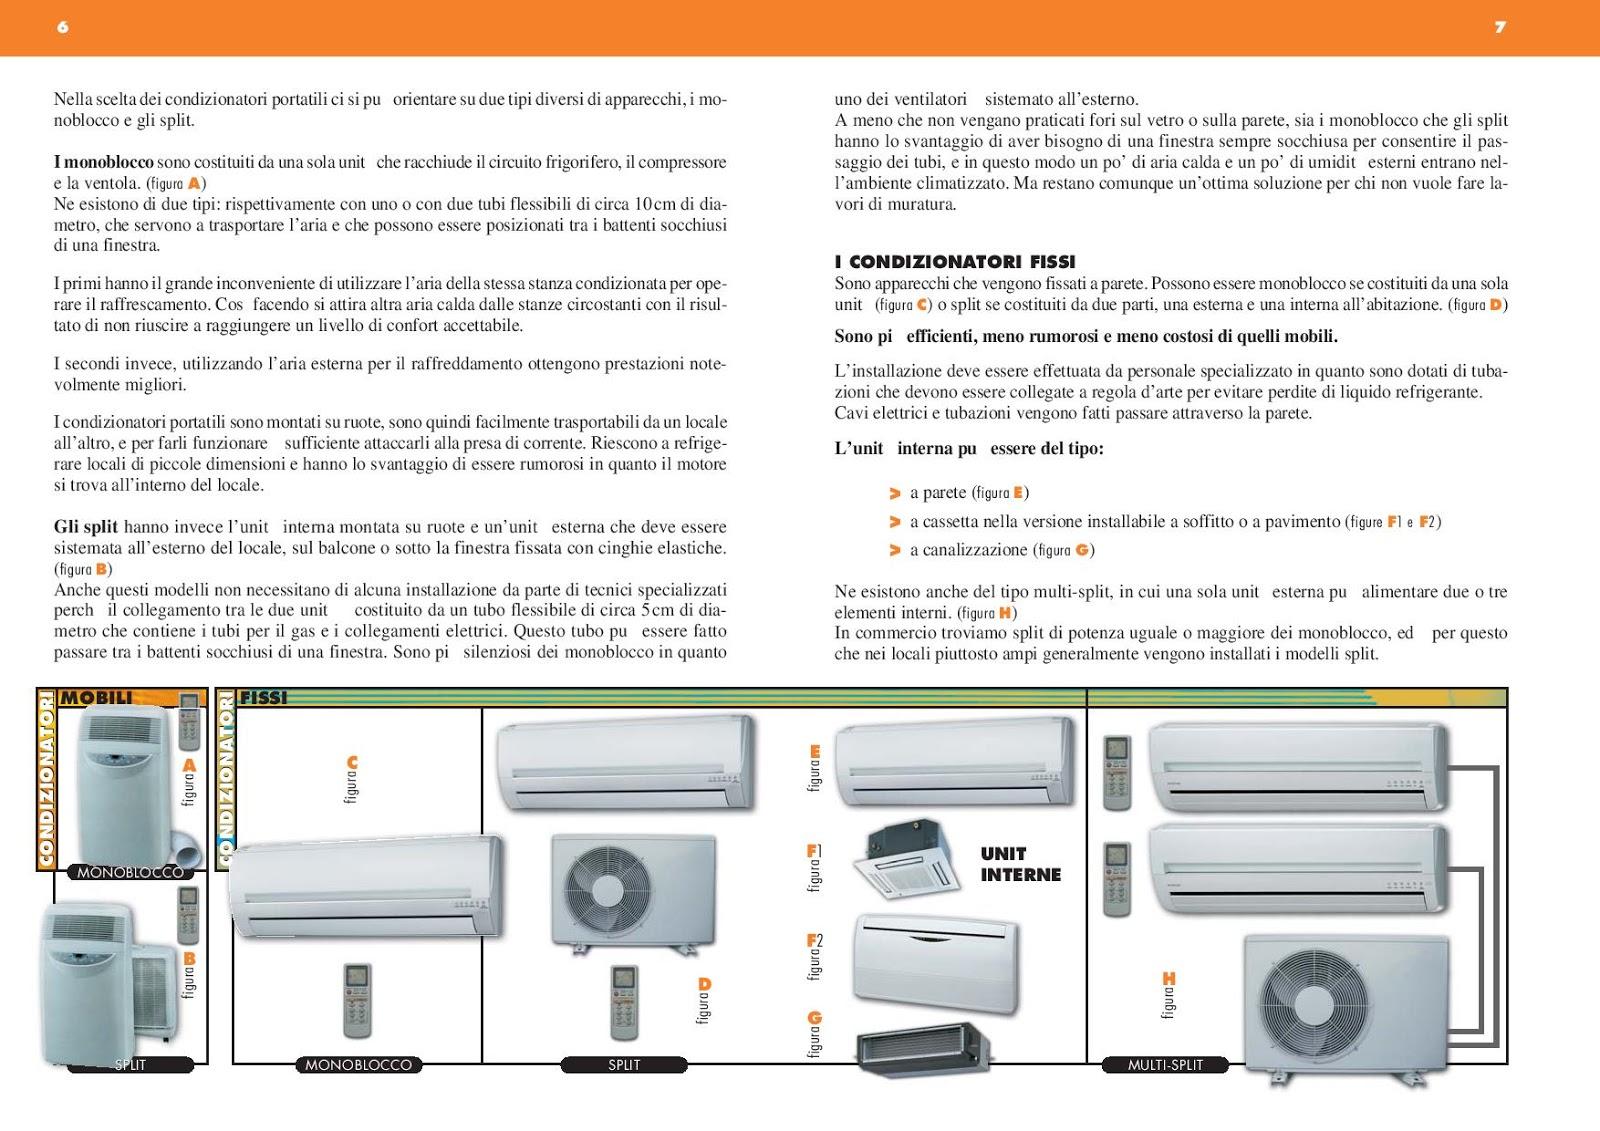 Come Scegliere Climatizzatori E Condizionatori: Meglio A Pompa Di Calore O  Inverter?